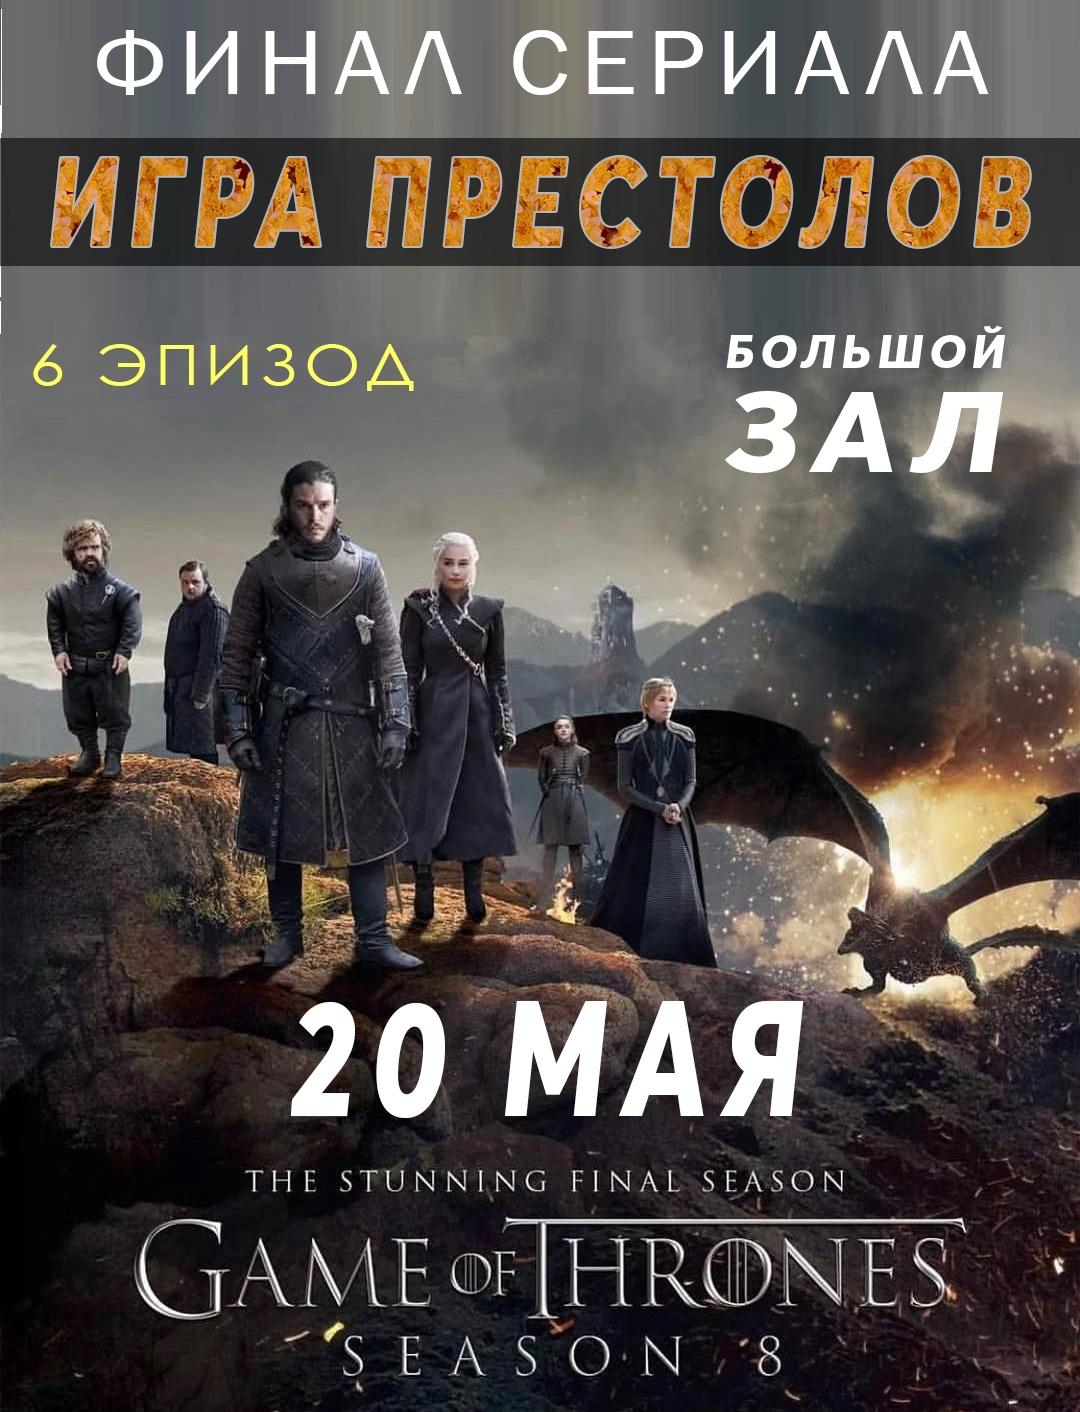 Анонс сериала со страницы кинотеатра